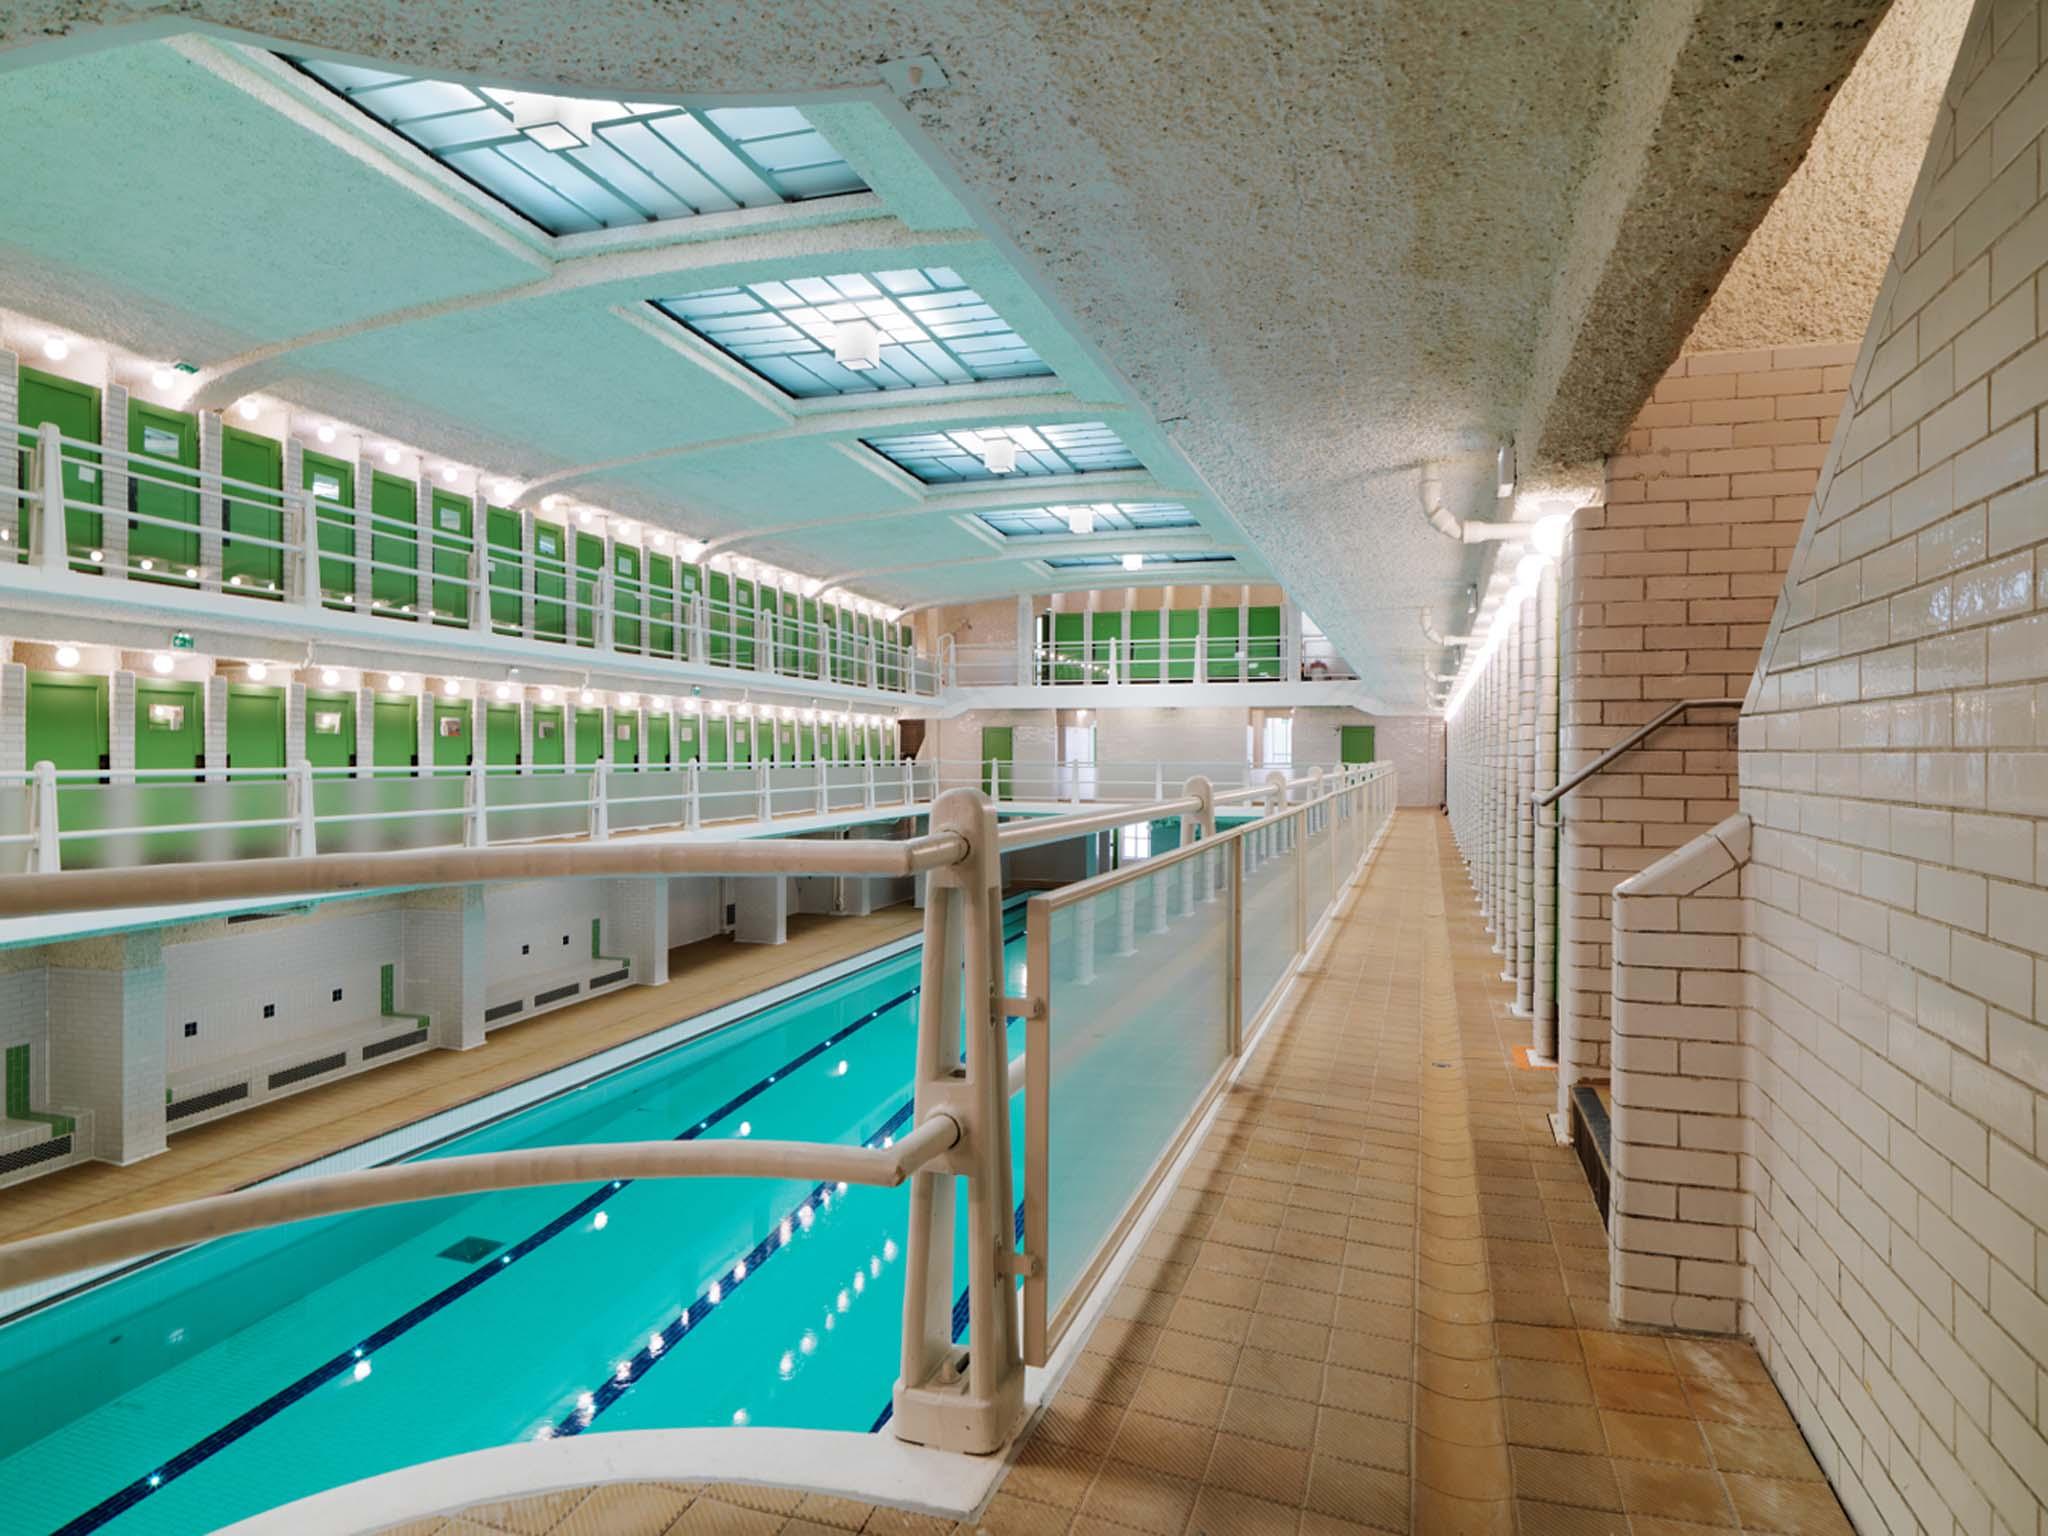 La piscine des amiraux d henri sauvage paris restaur e for Piscine des amiraux